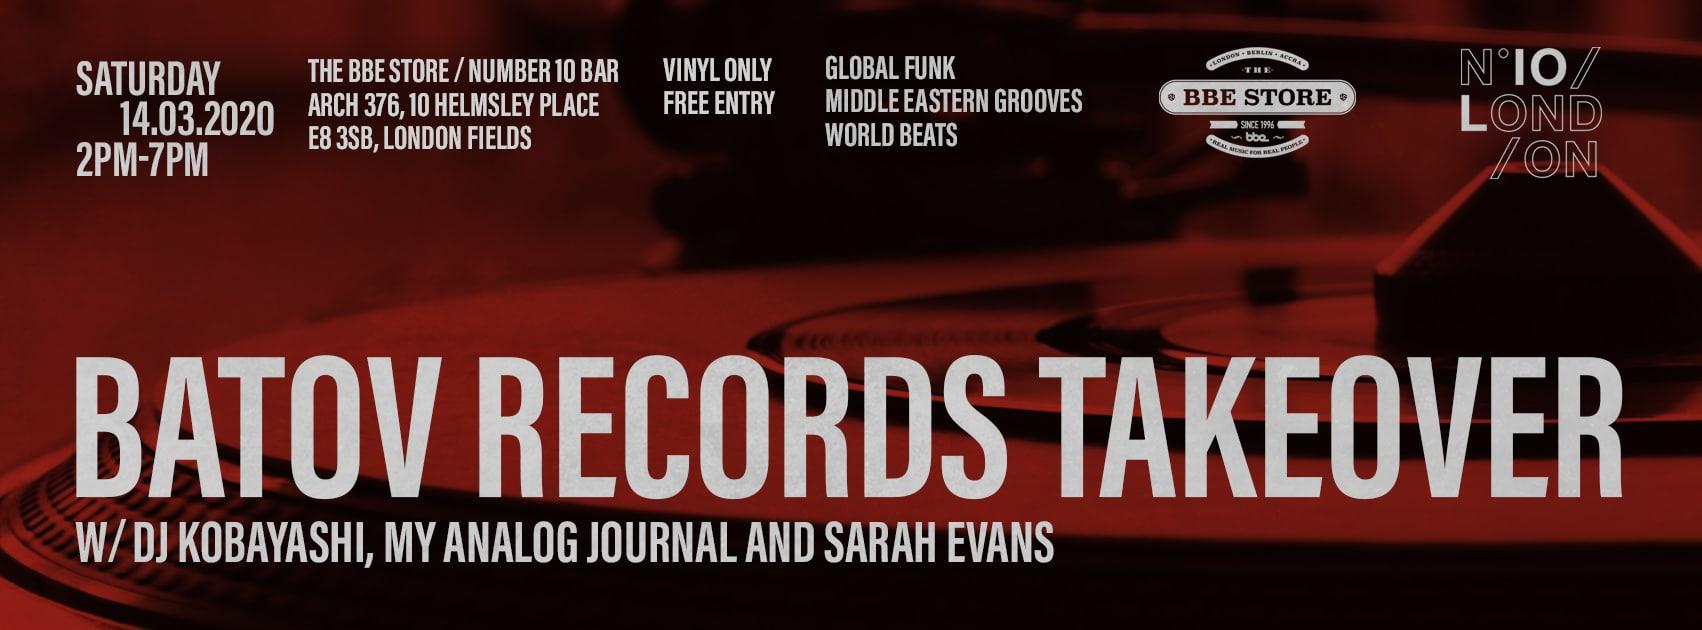 The BBE Store Batov Records takeover